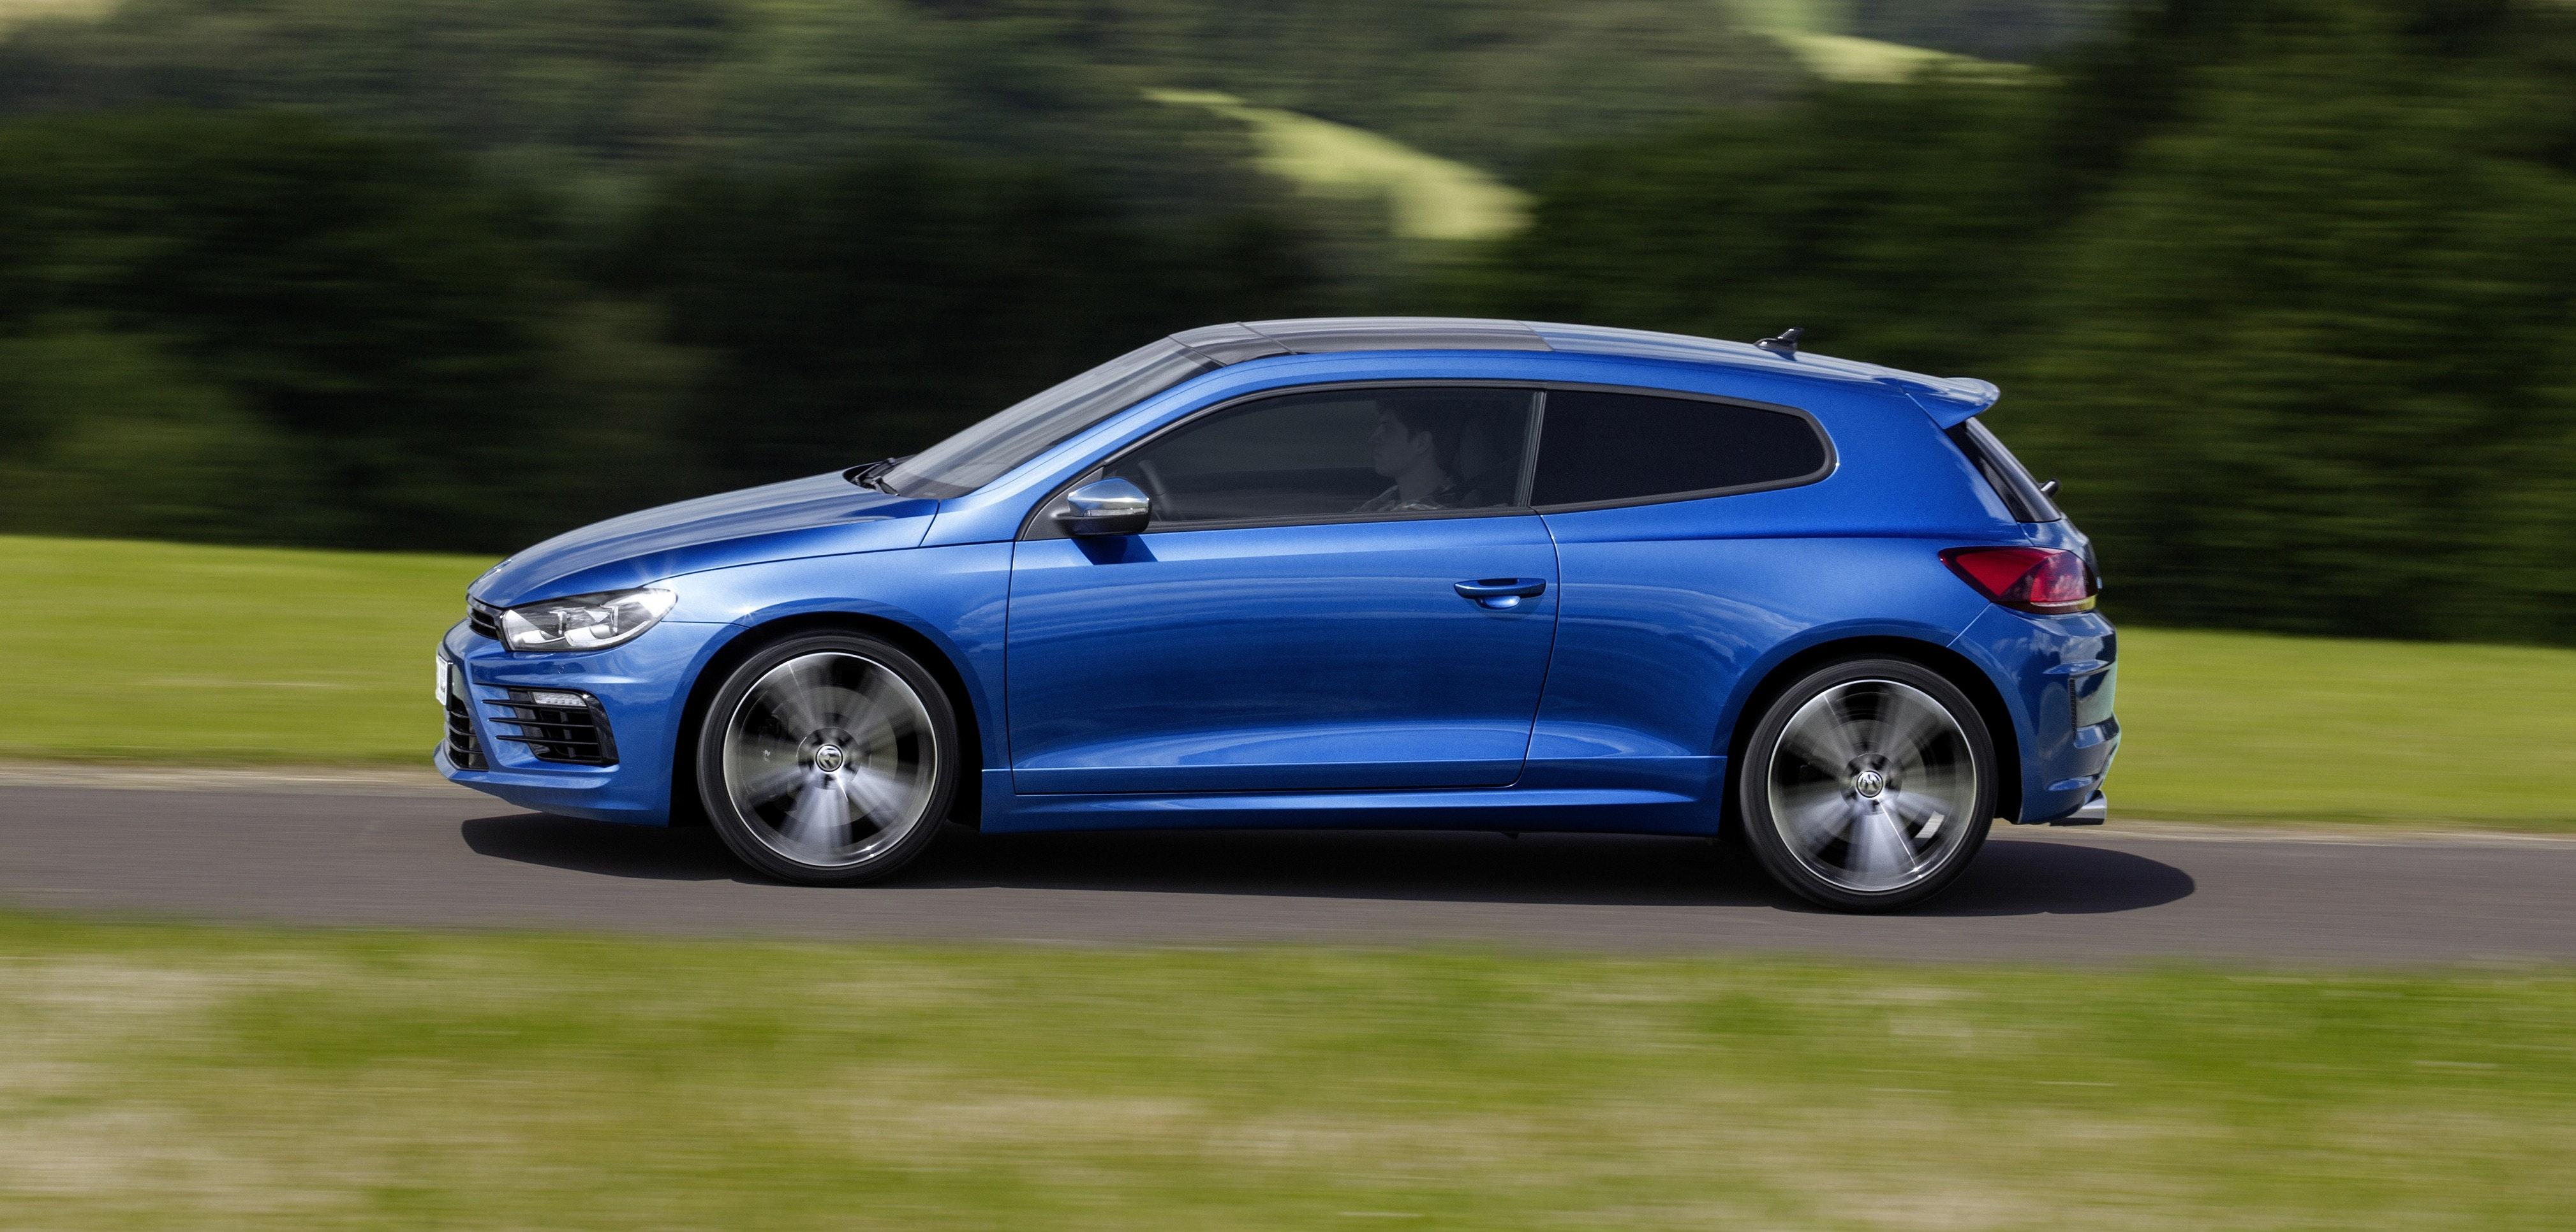 Volkswagen Scirocco Mpg Car Reviews 2018